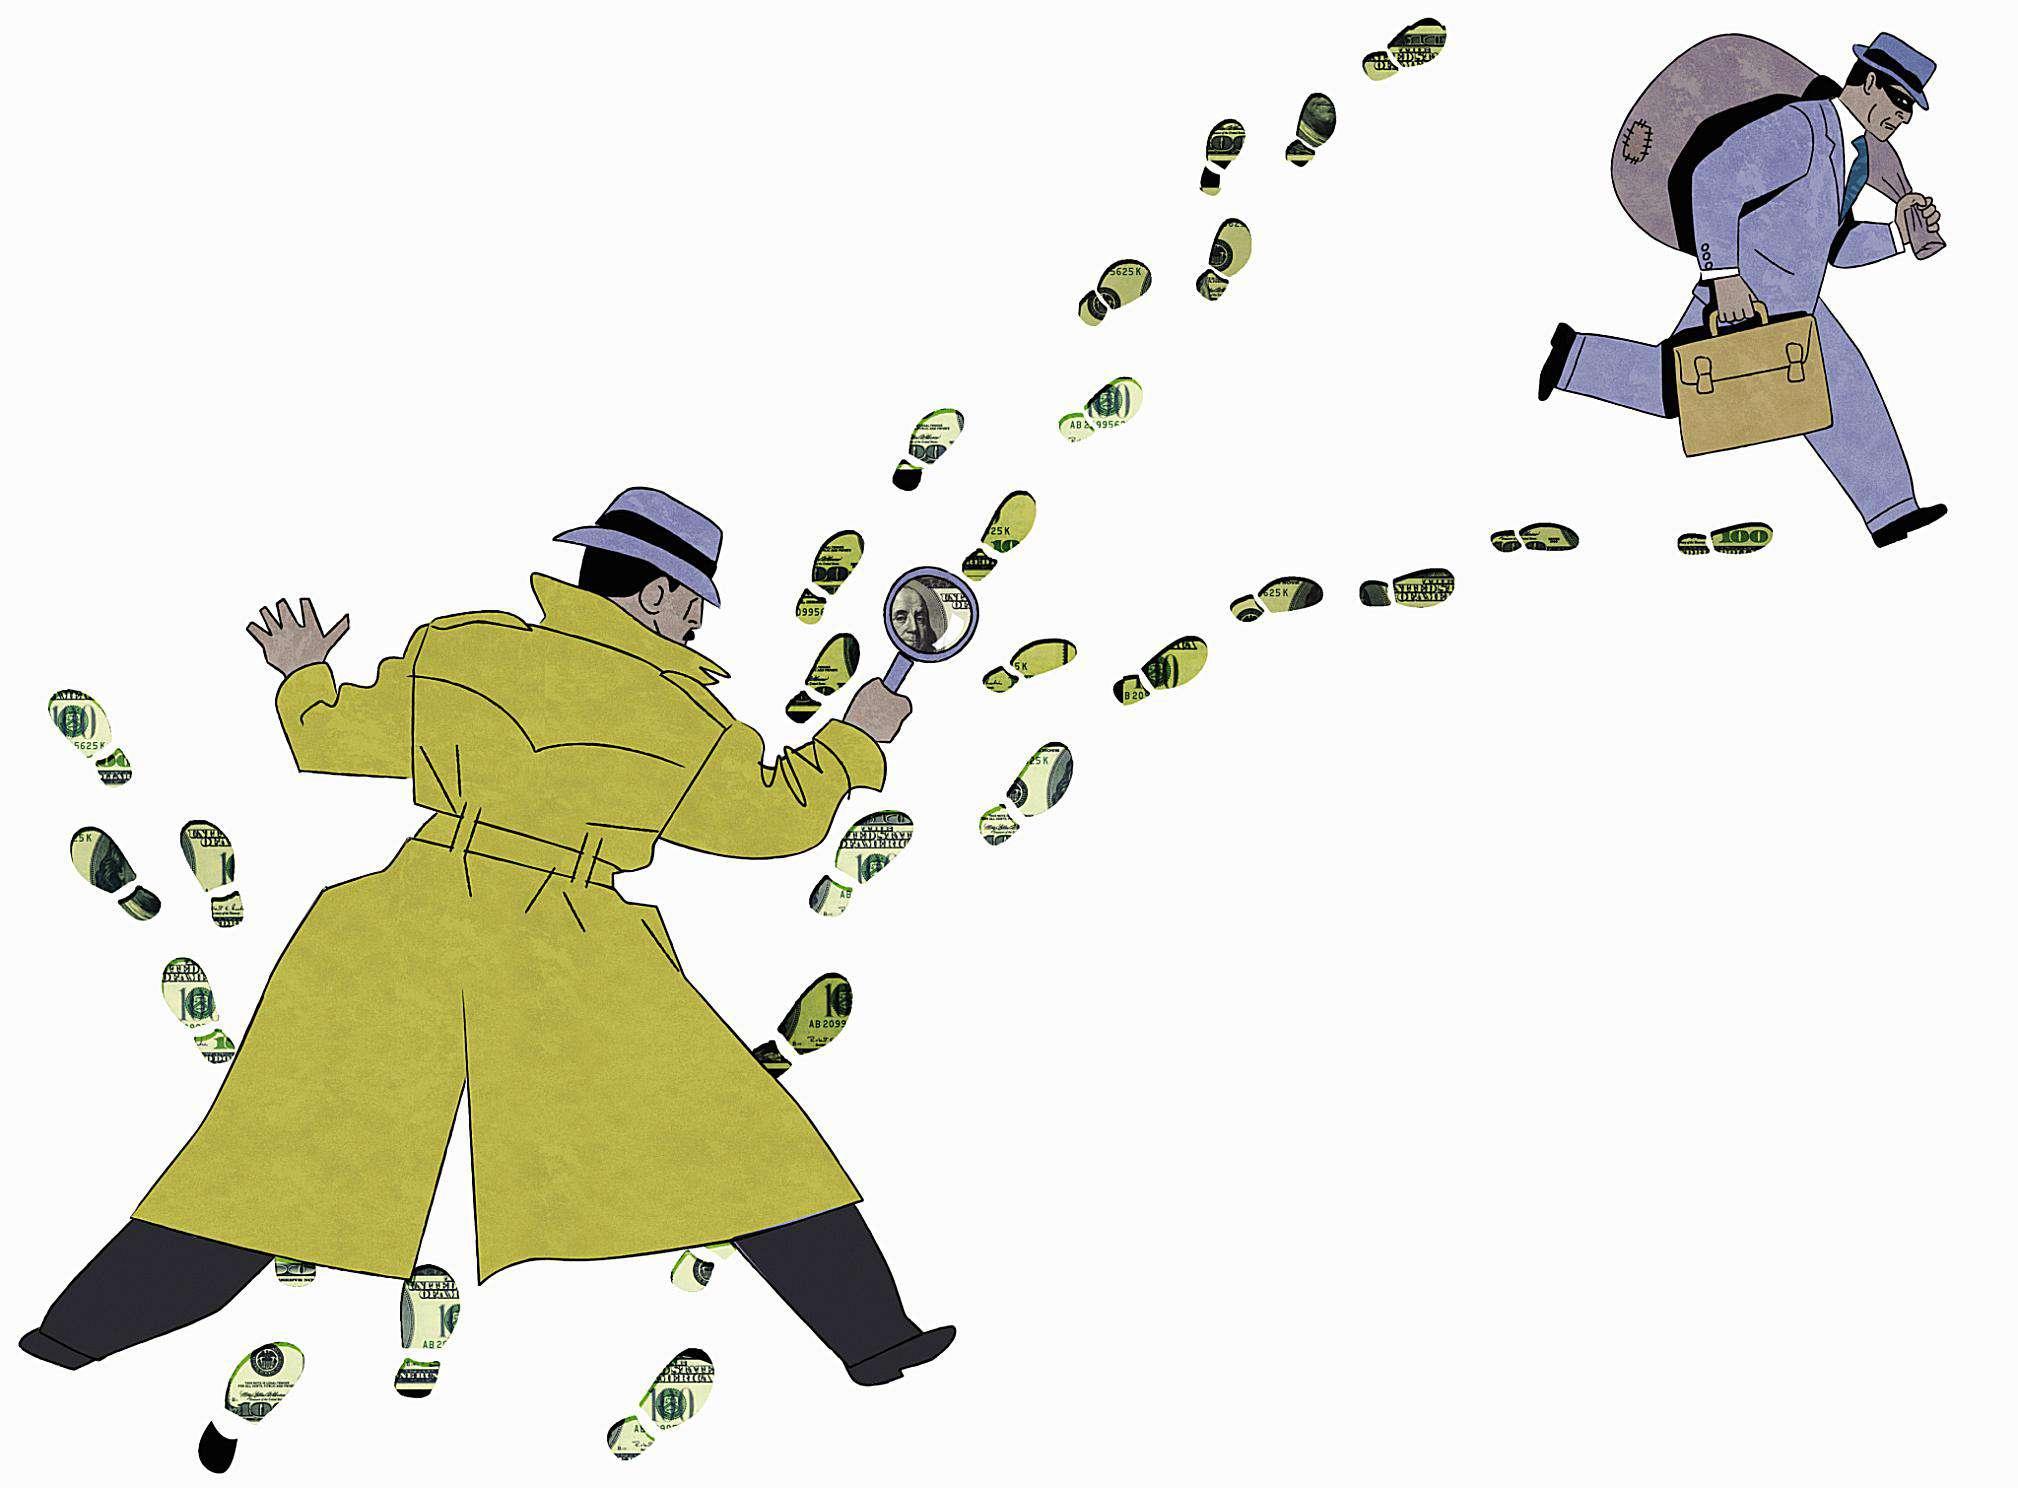 Caricatura de detective persiguiendo a ladrón